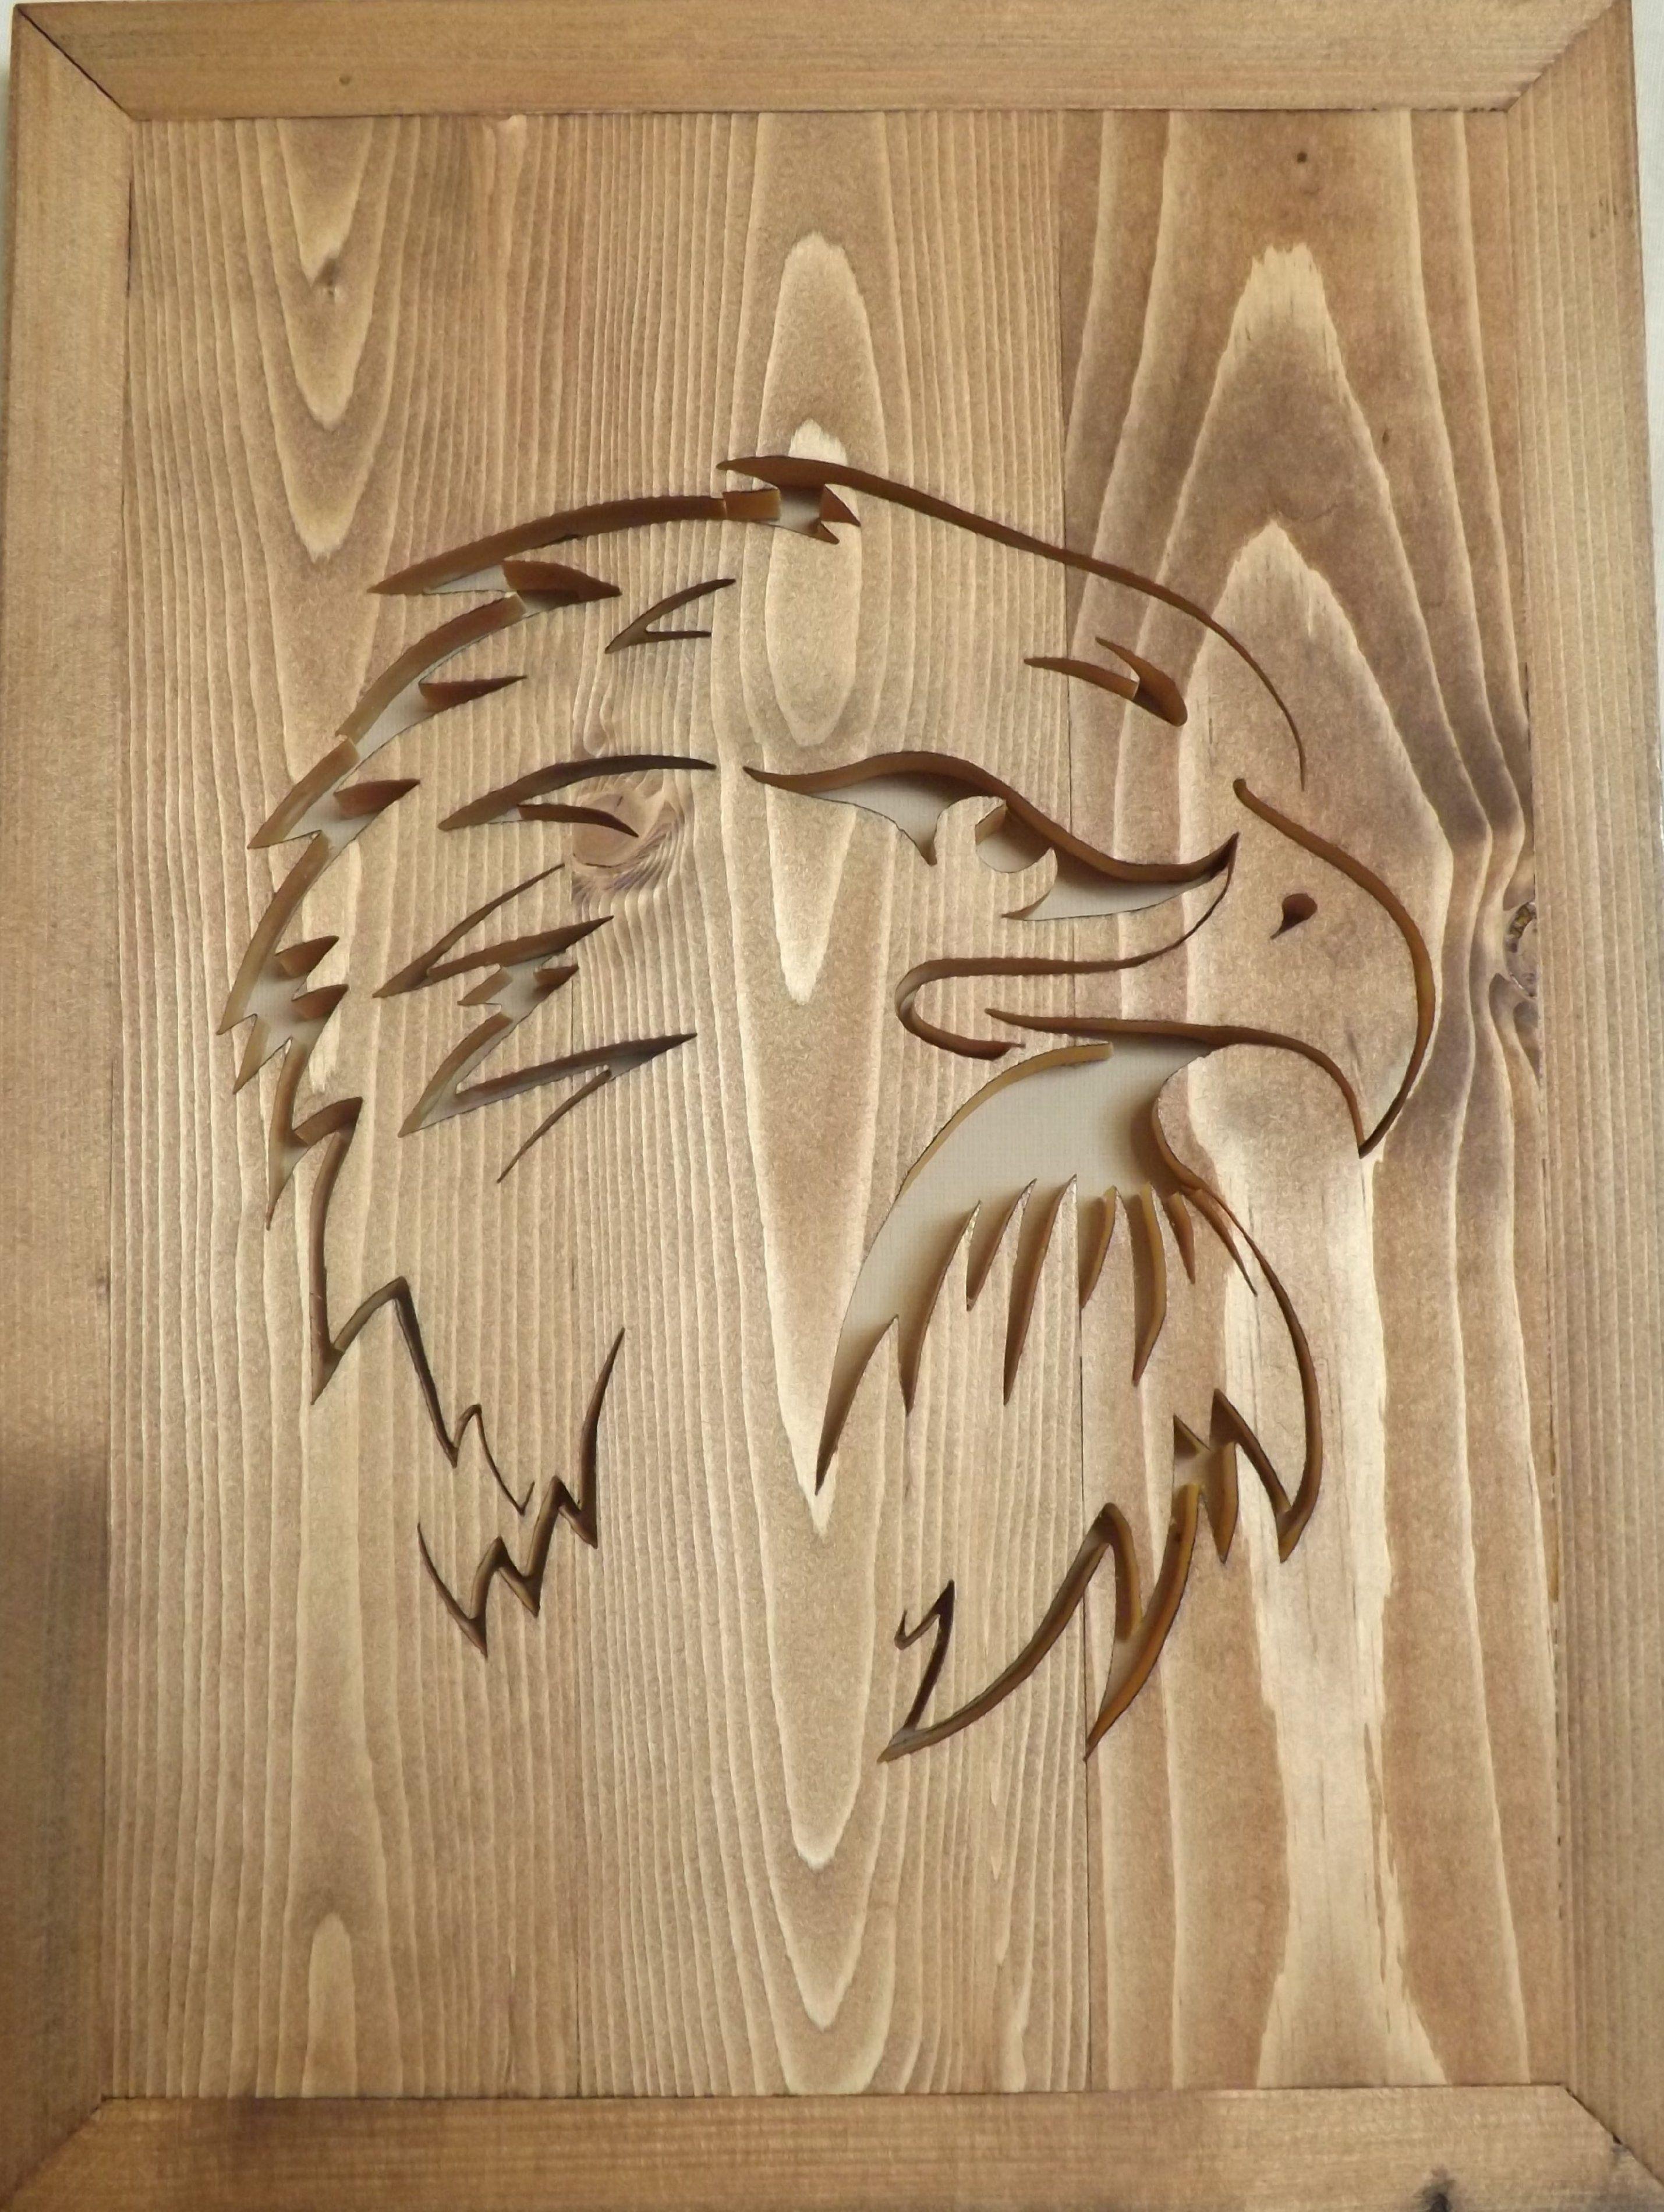 Imagen relacionada Поделки из дерева pinterest woods wood